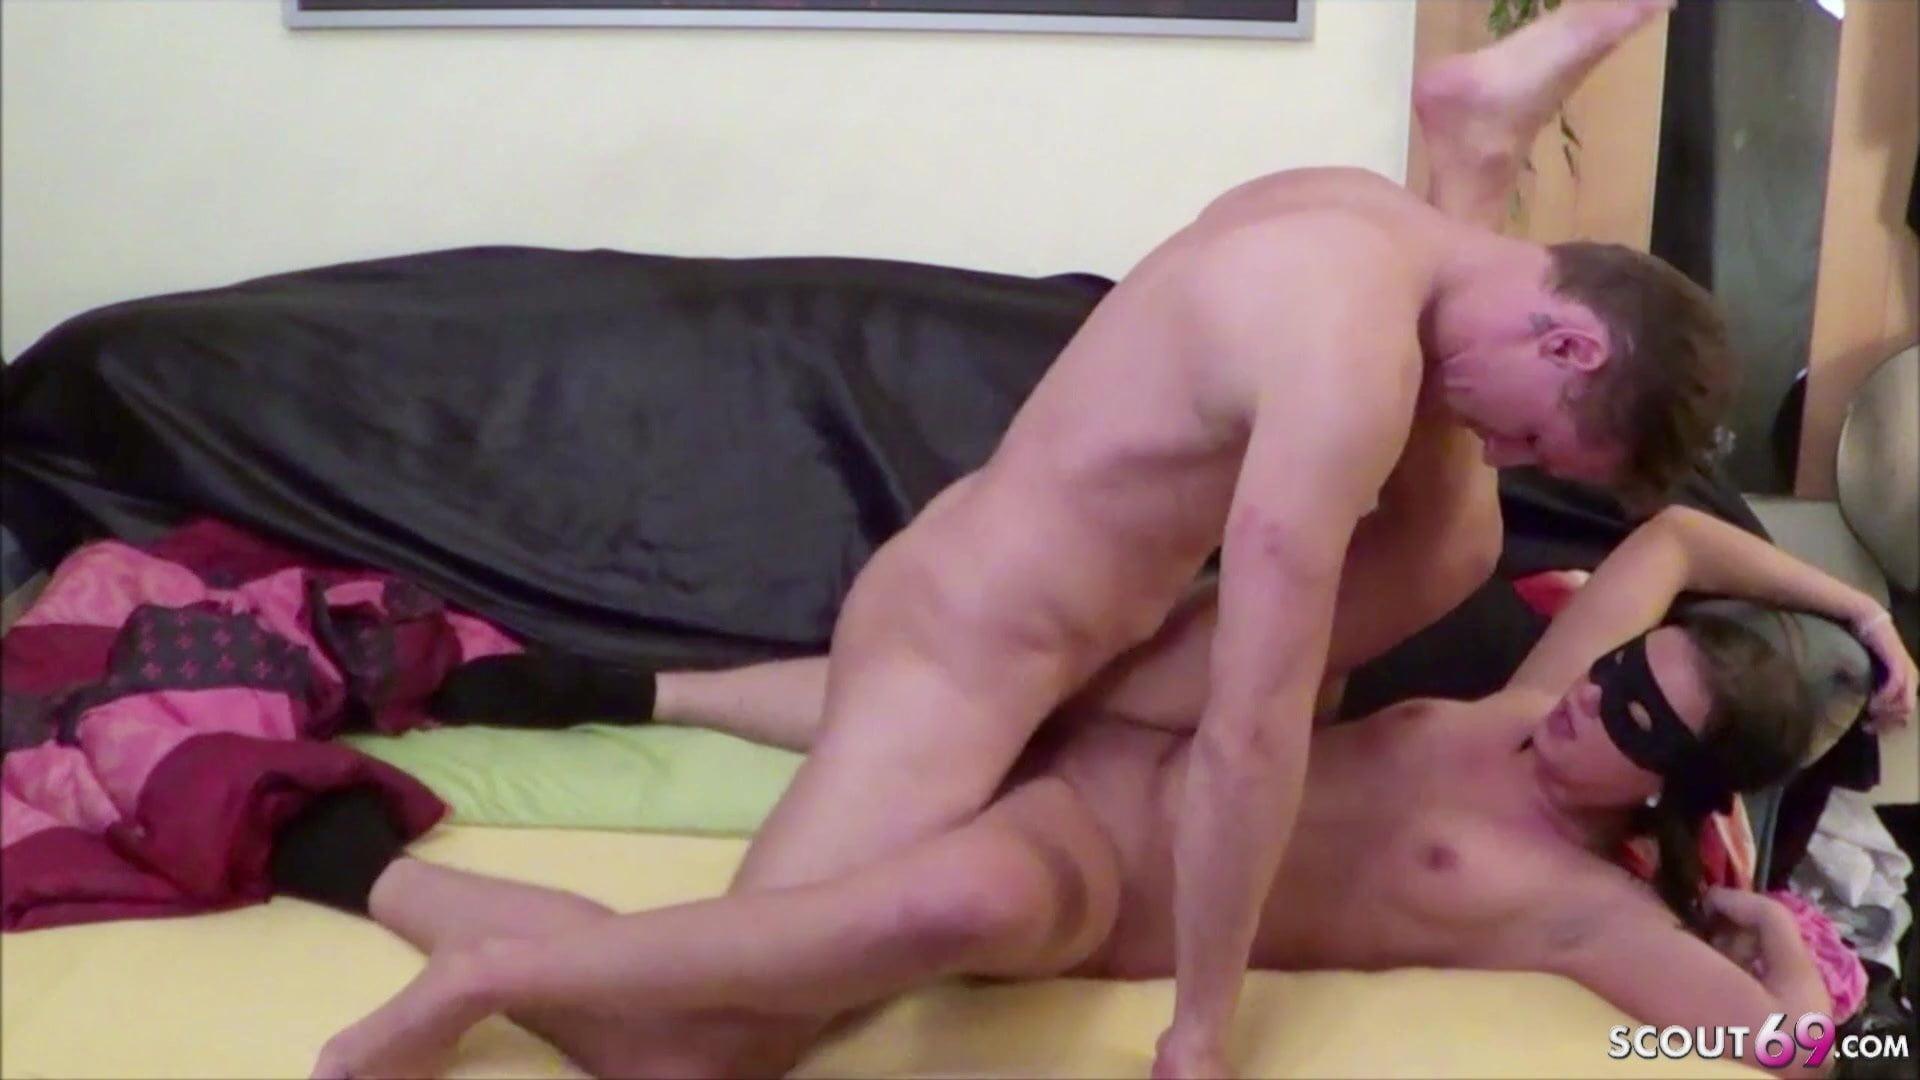 Deutsche Stiefschwester 18 Beim Sex Mit Bruder